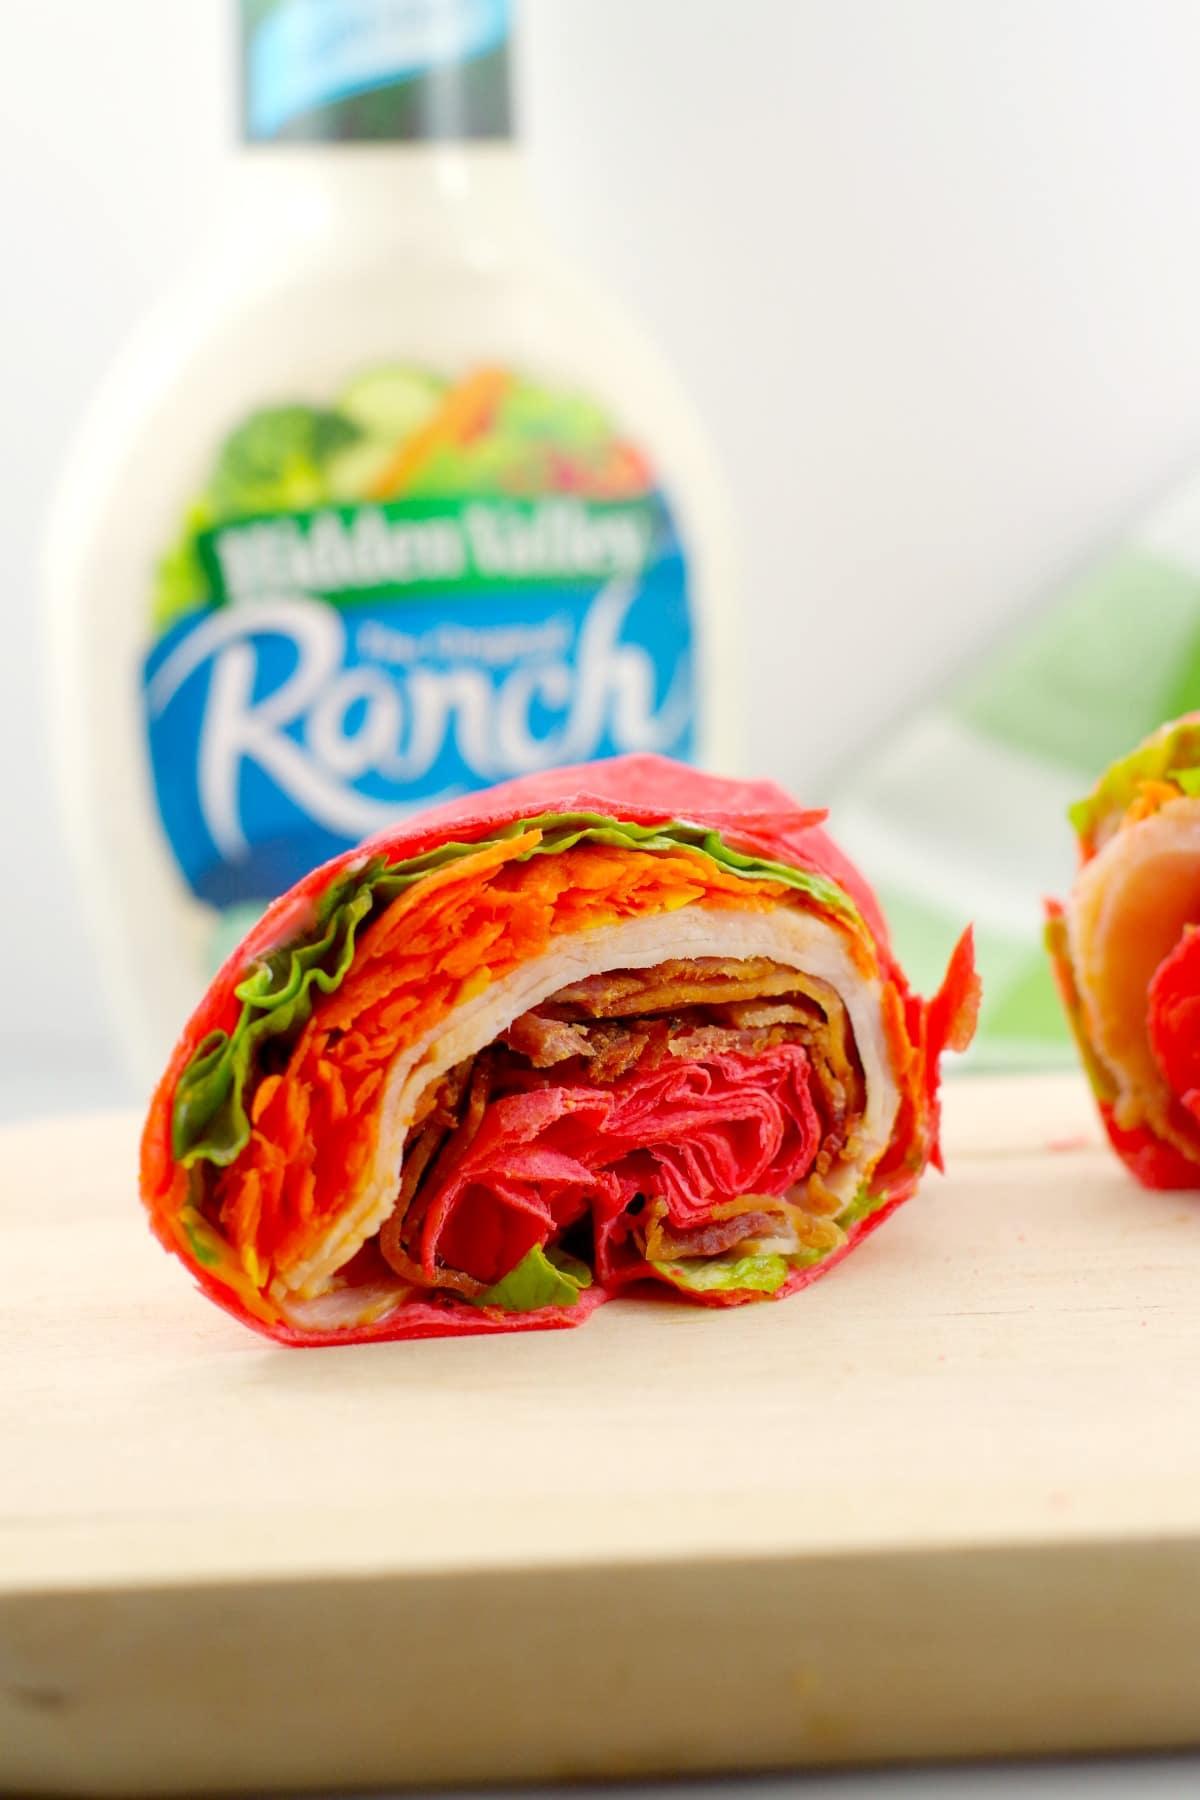 Turkey Club Ranch Wrap - tortilla wrap - Foodmeandering.com